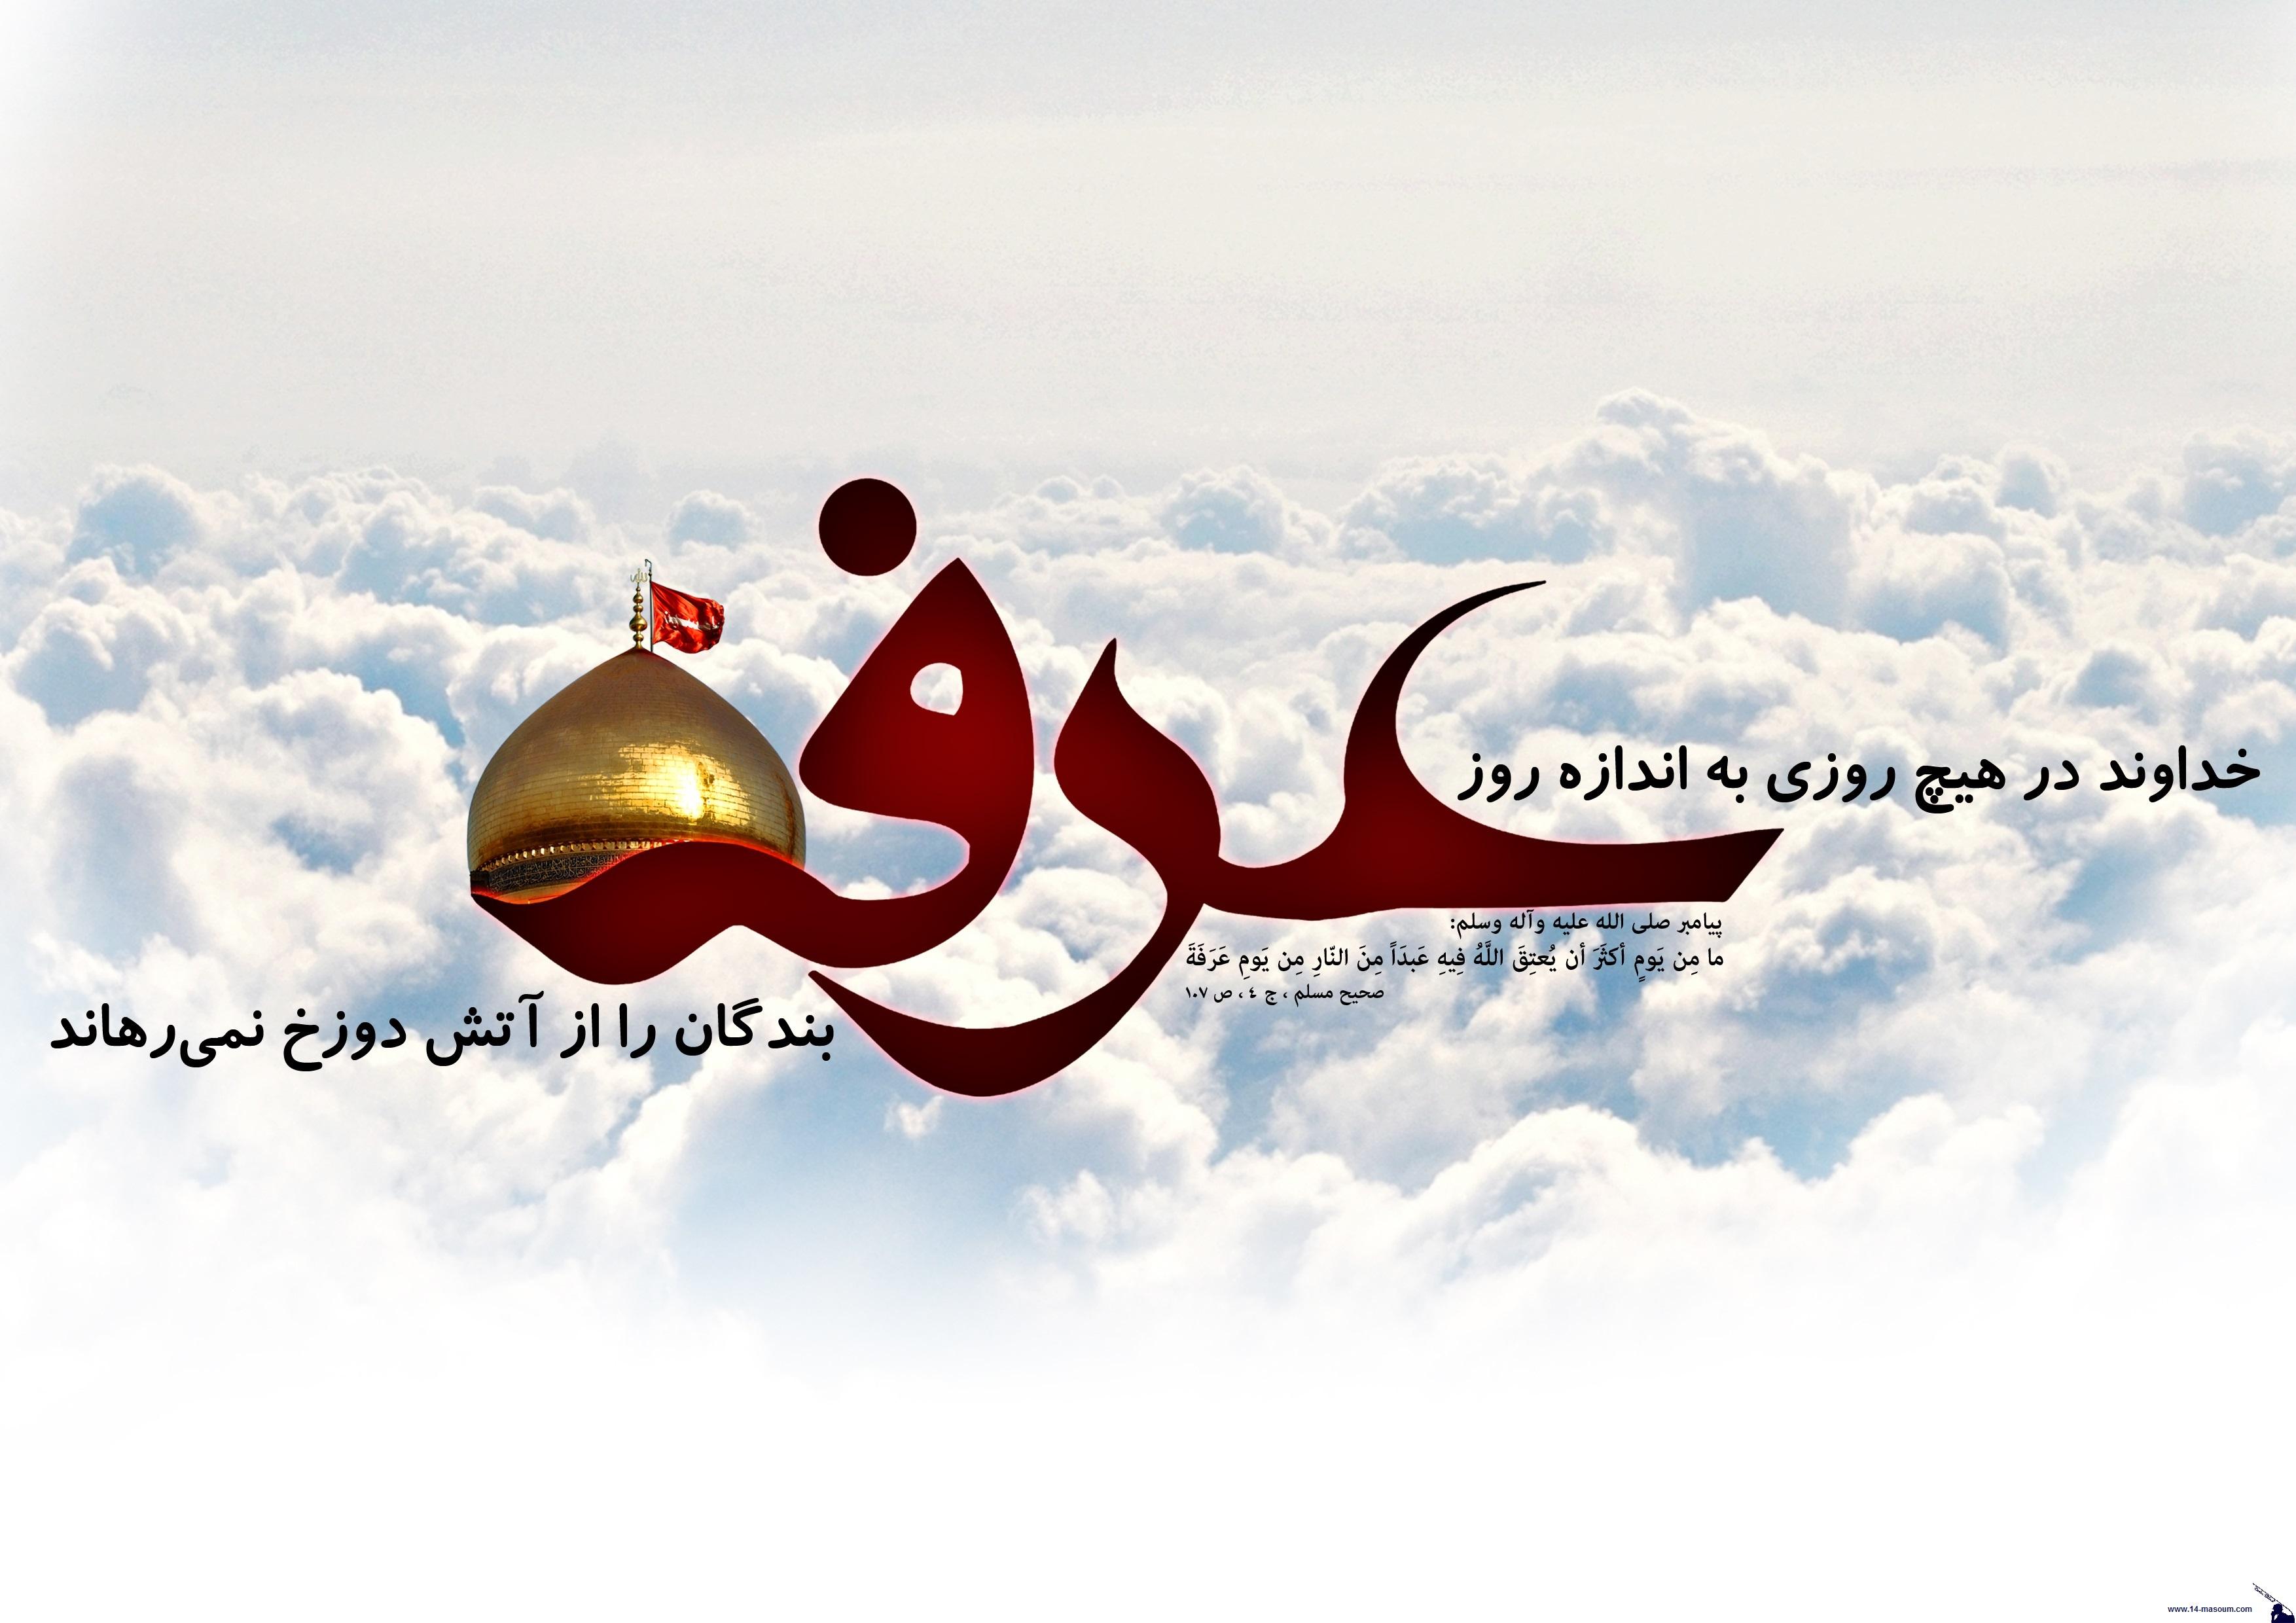 عکس نوشته پروفایل به مناسبت روز عرفه + تصاویر